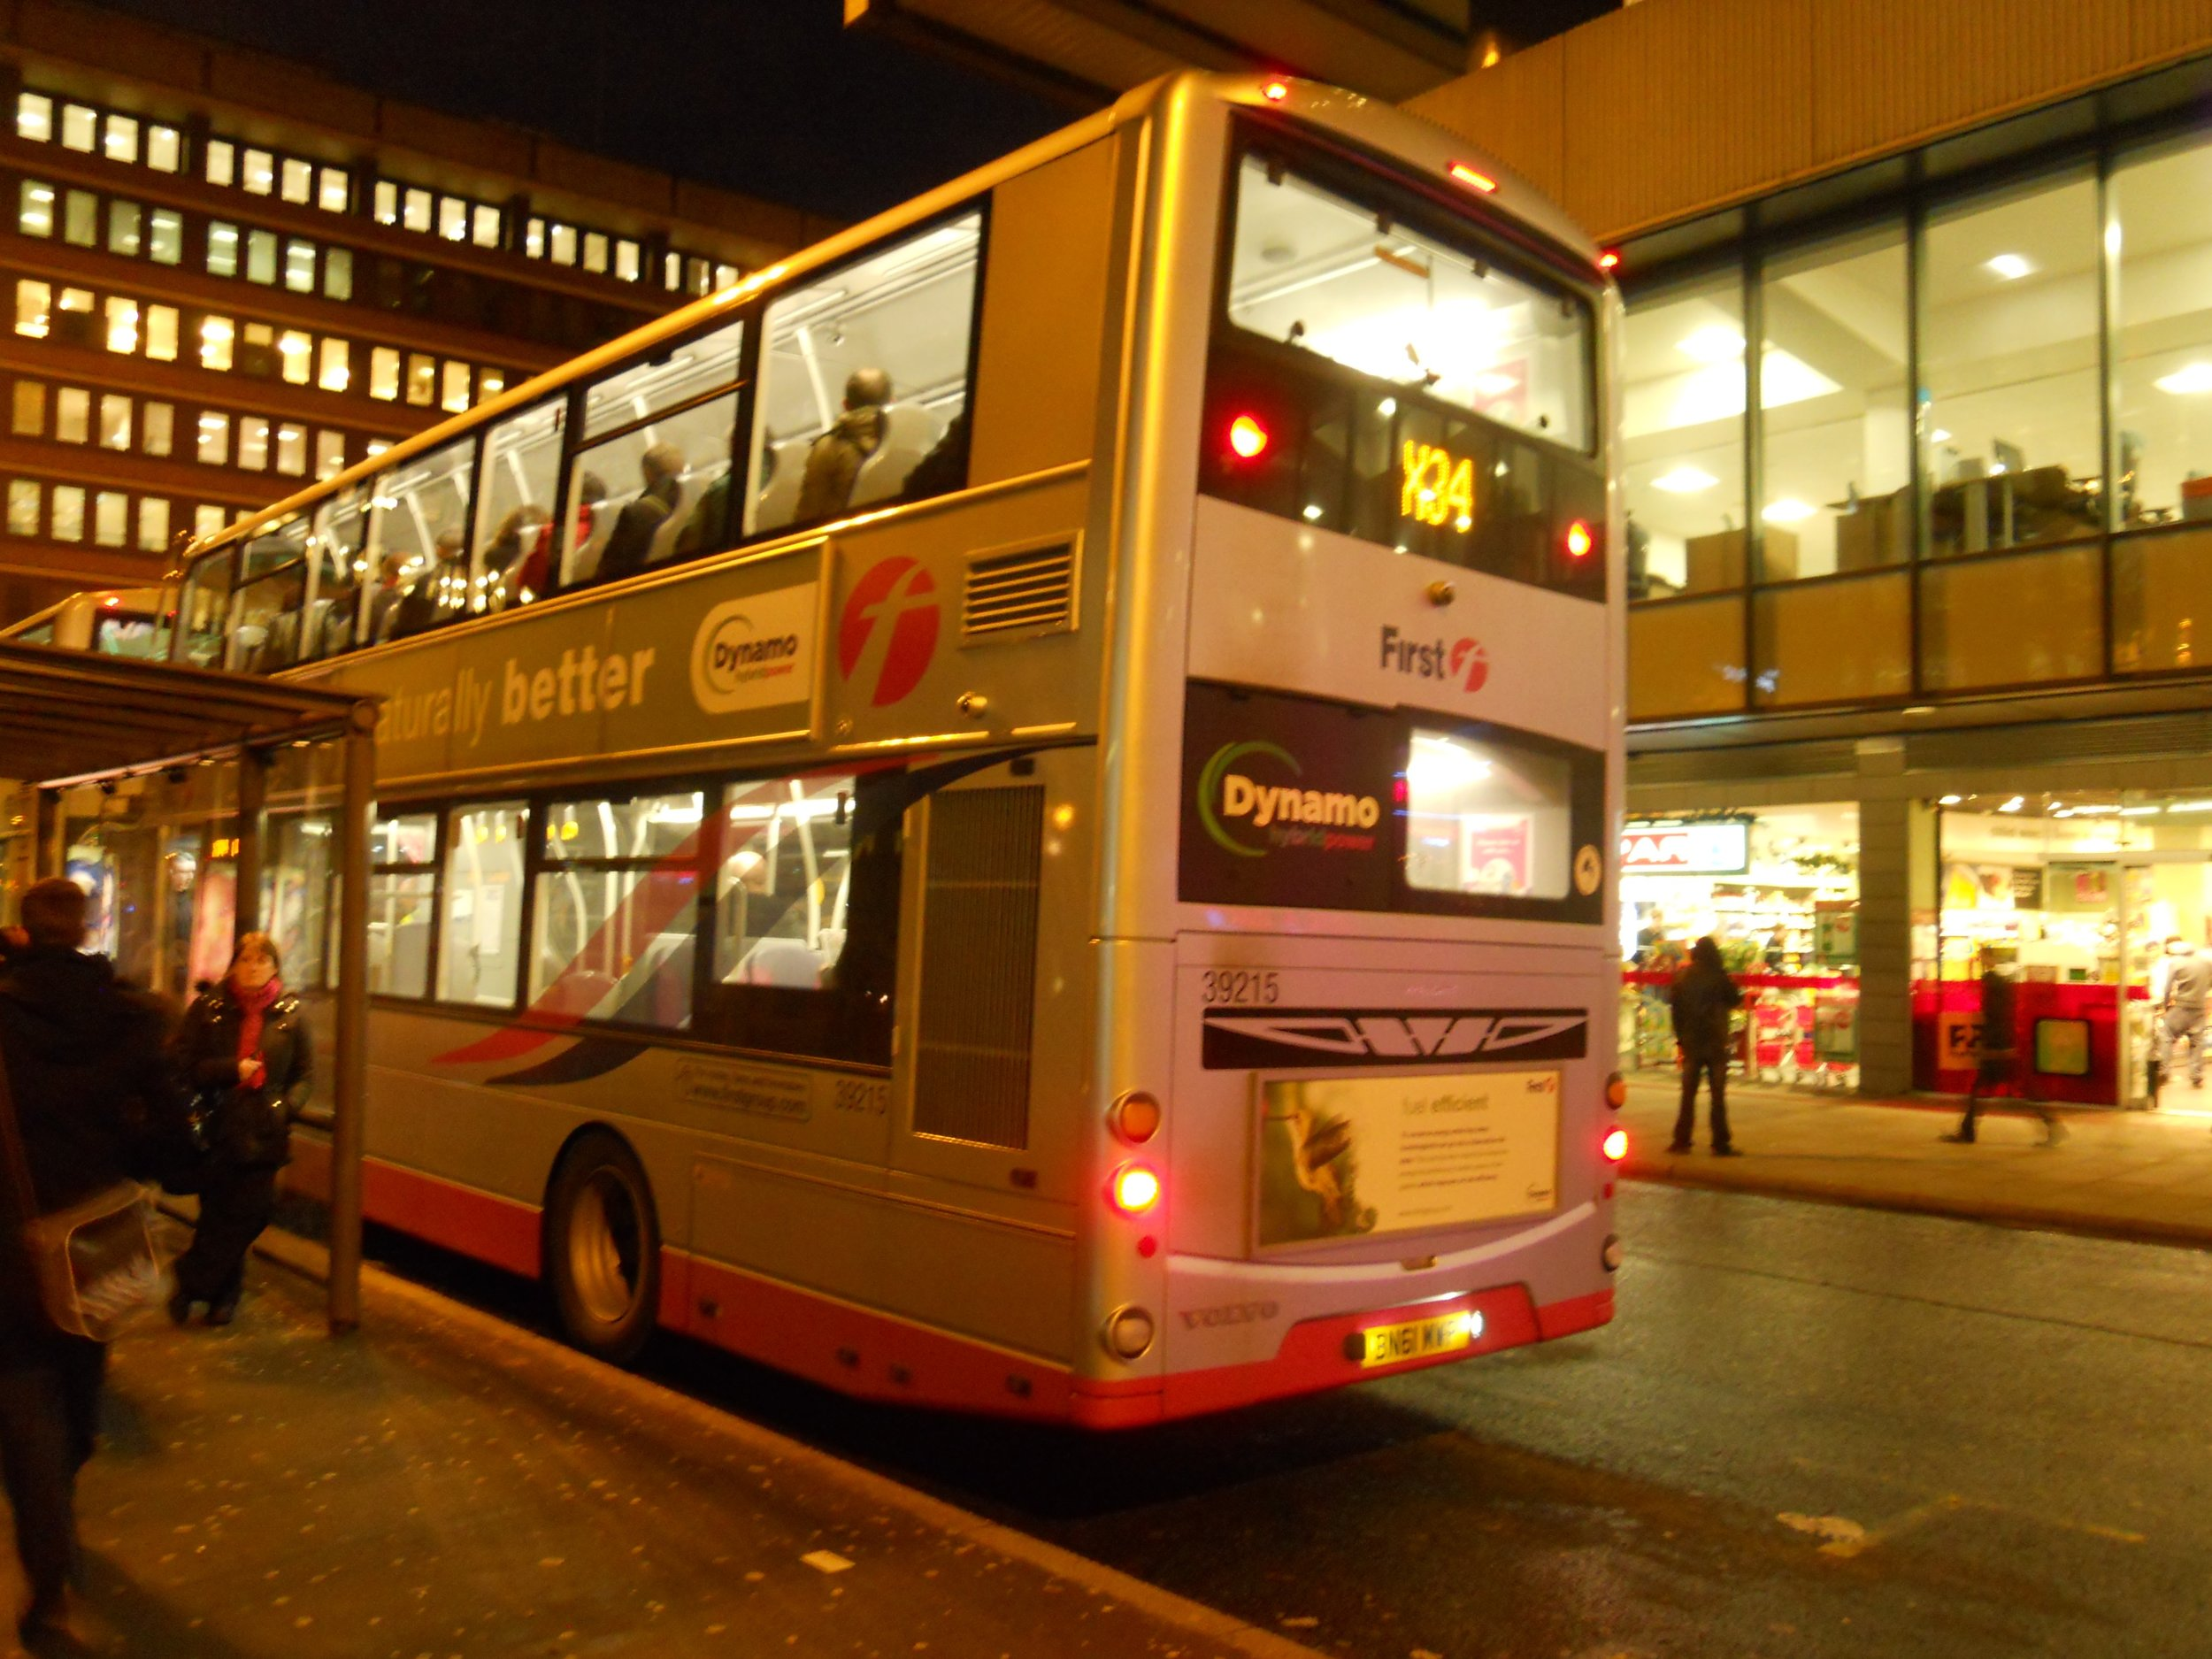 Night bus in Birmingham